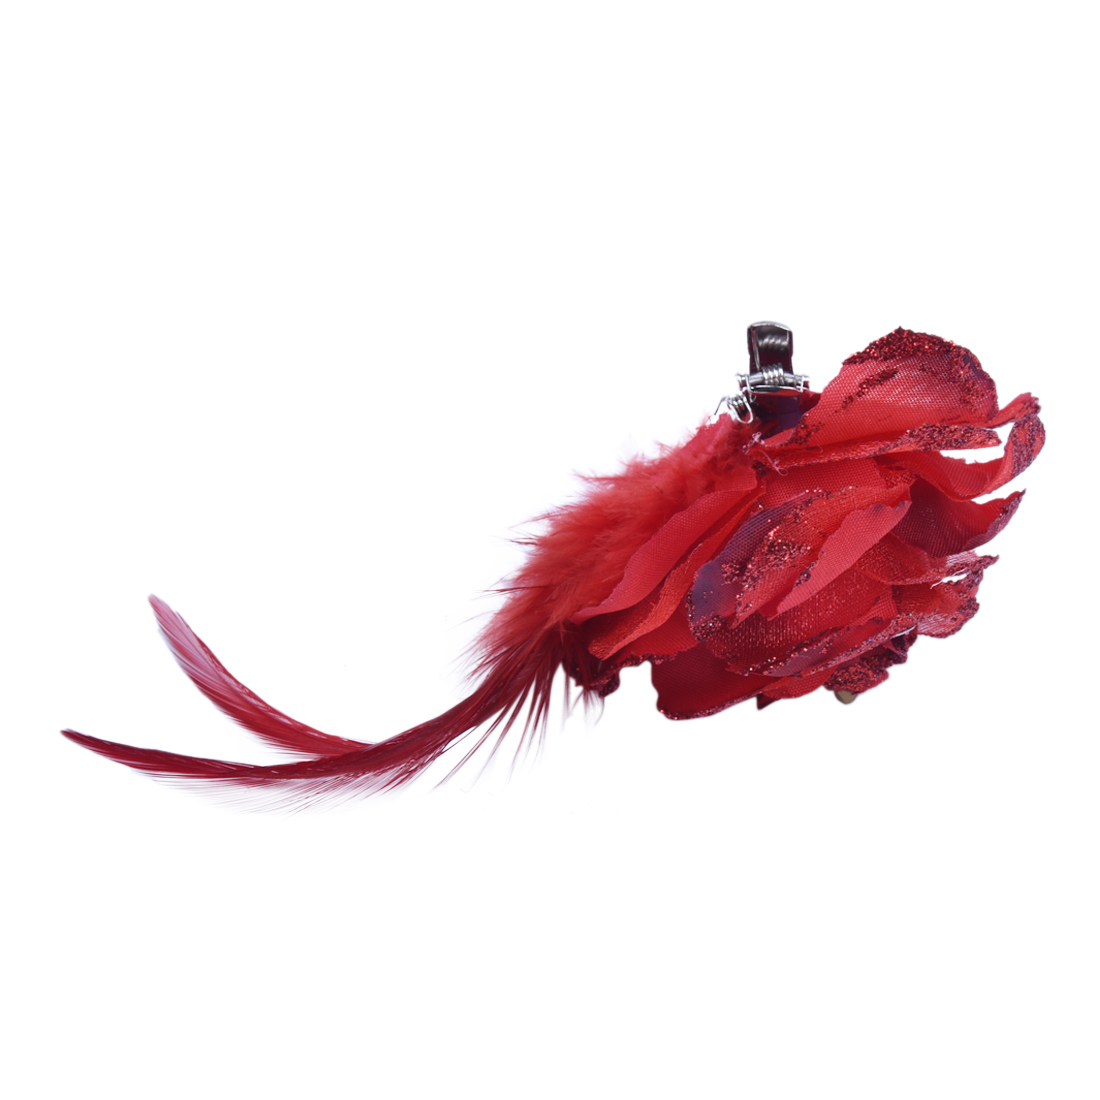 Rot-Organza-Rose-Feder-Brosche-Haarklammer-Haarspange-TOP-O3F9-G1Z1